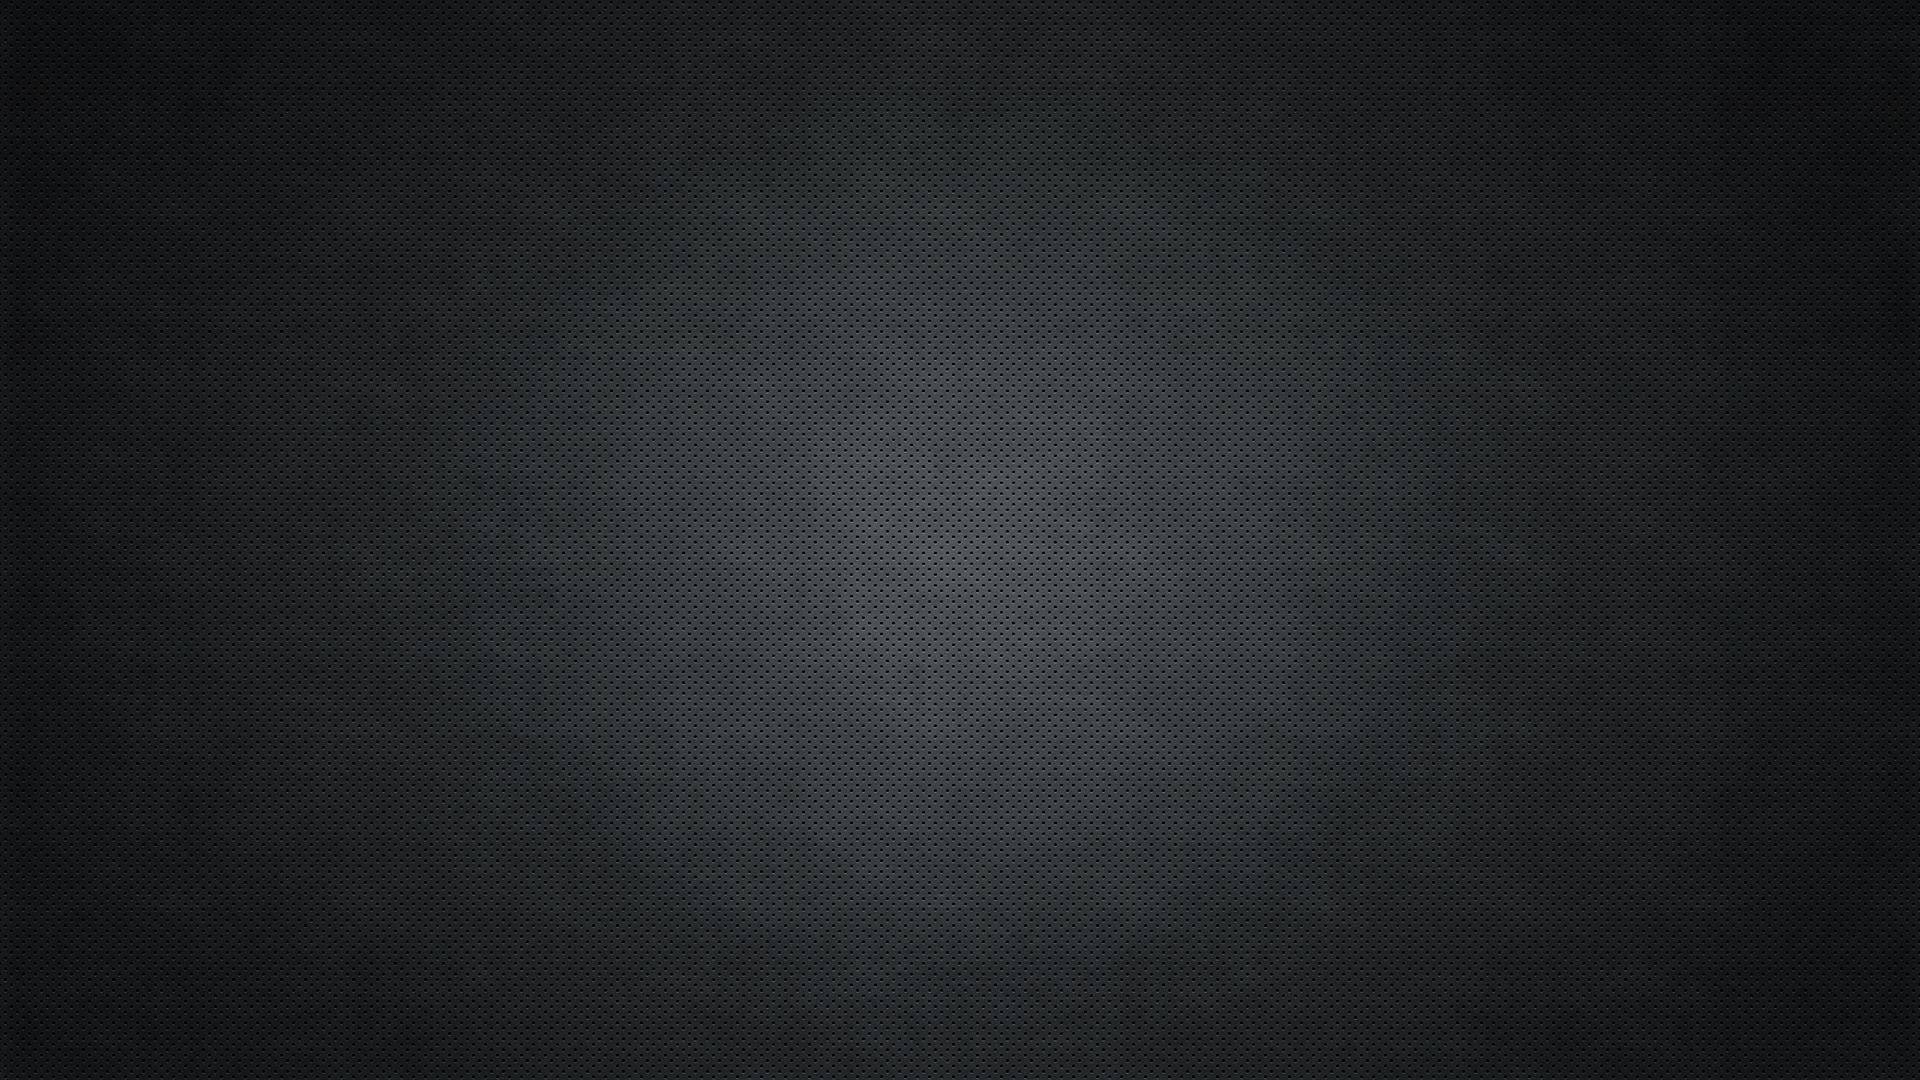 Dark Grey Computer Wallpapers Desktop Backgrounds 1920x1080 ID 1920x1080